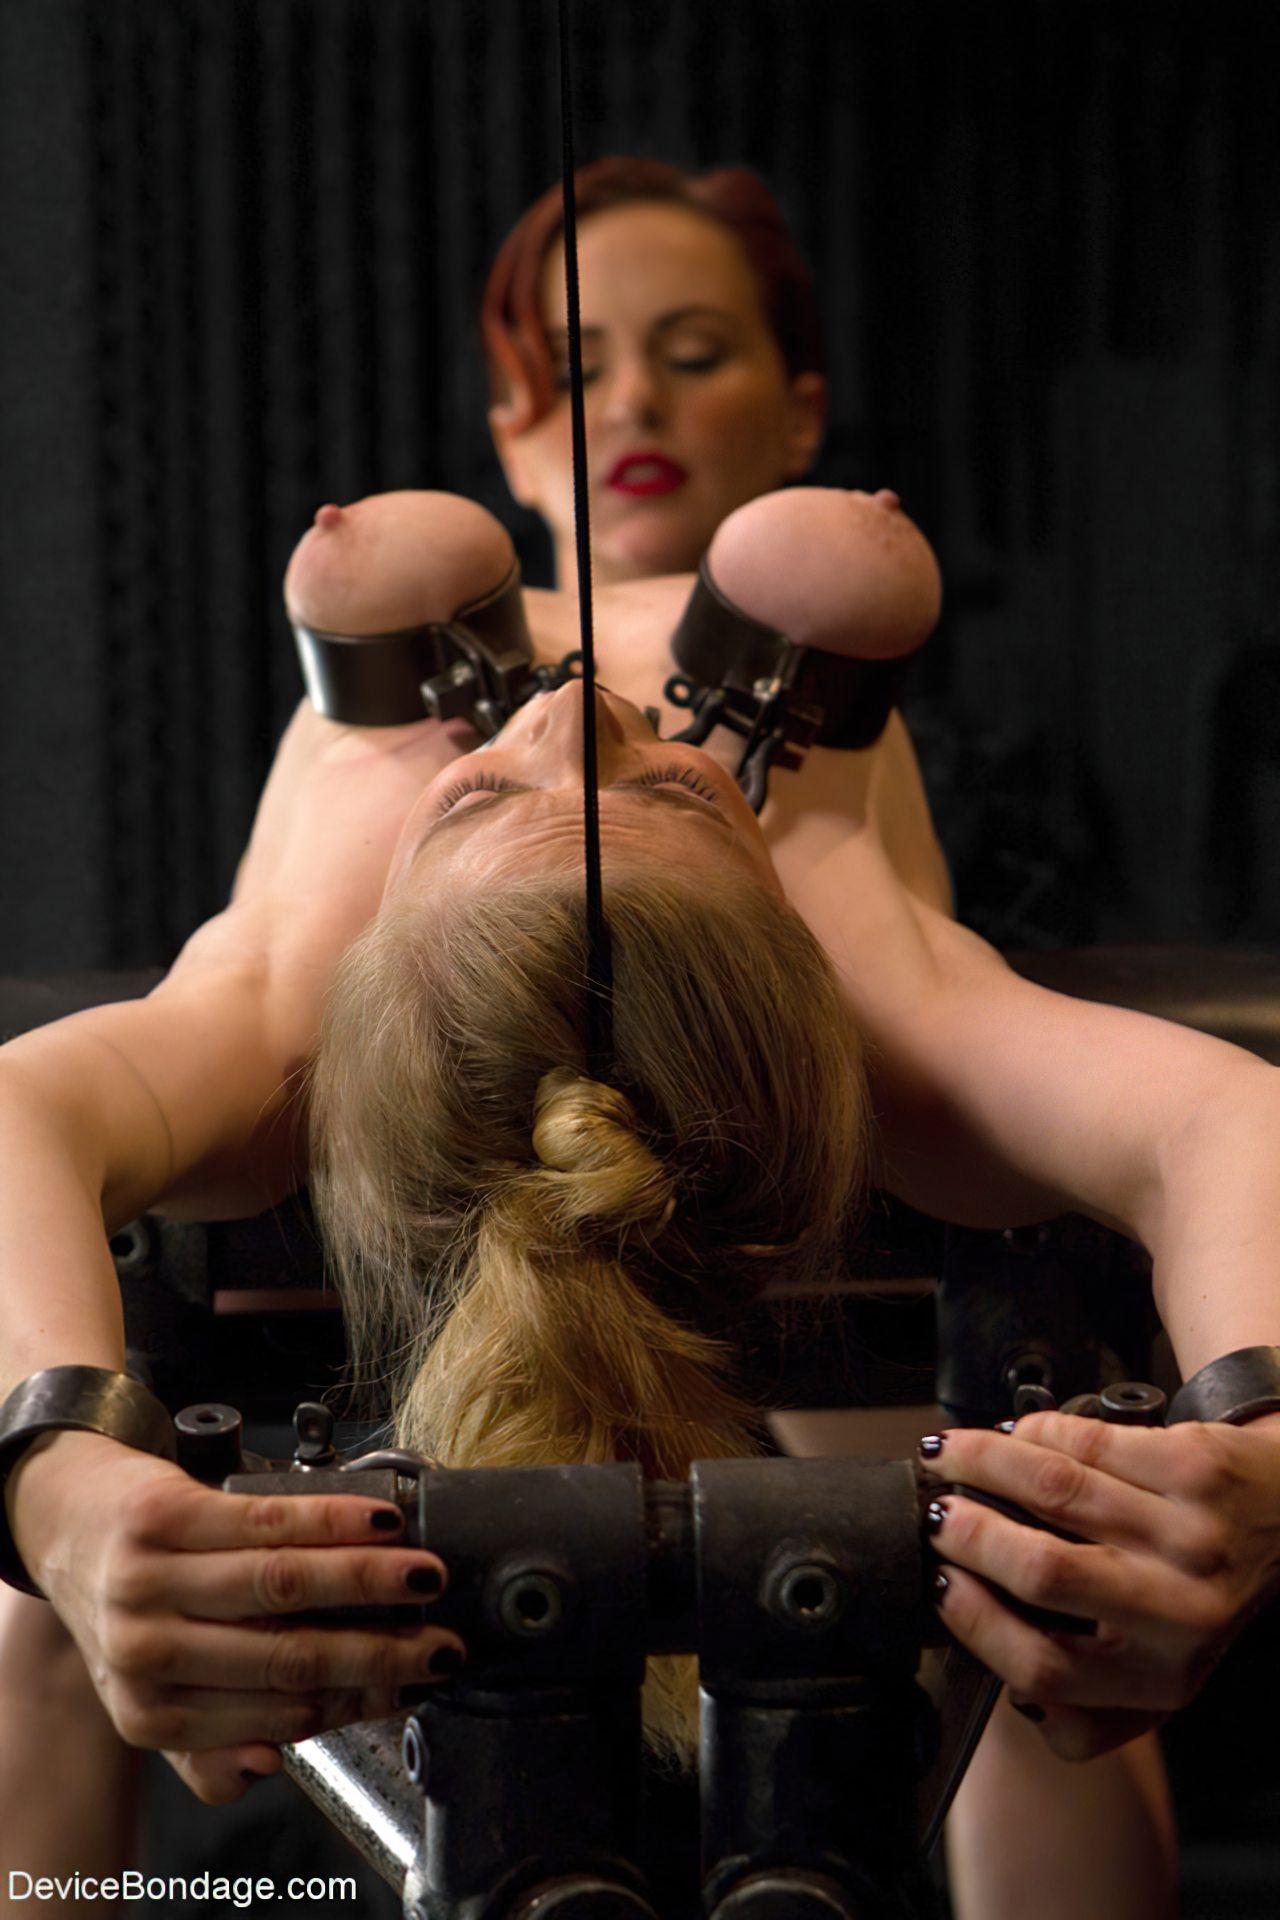 BDSM Tortura e Prazer (14)